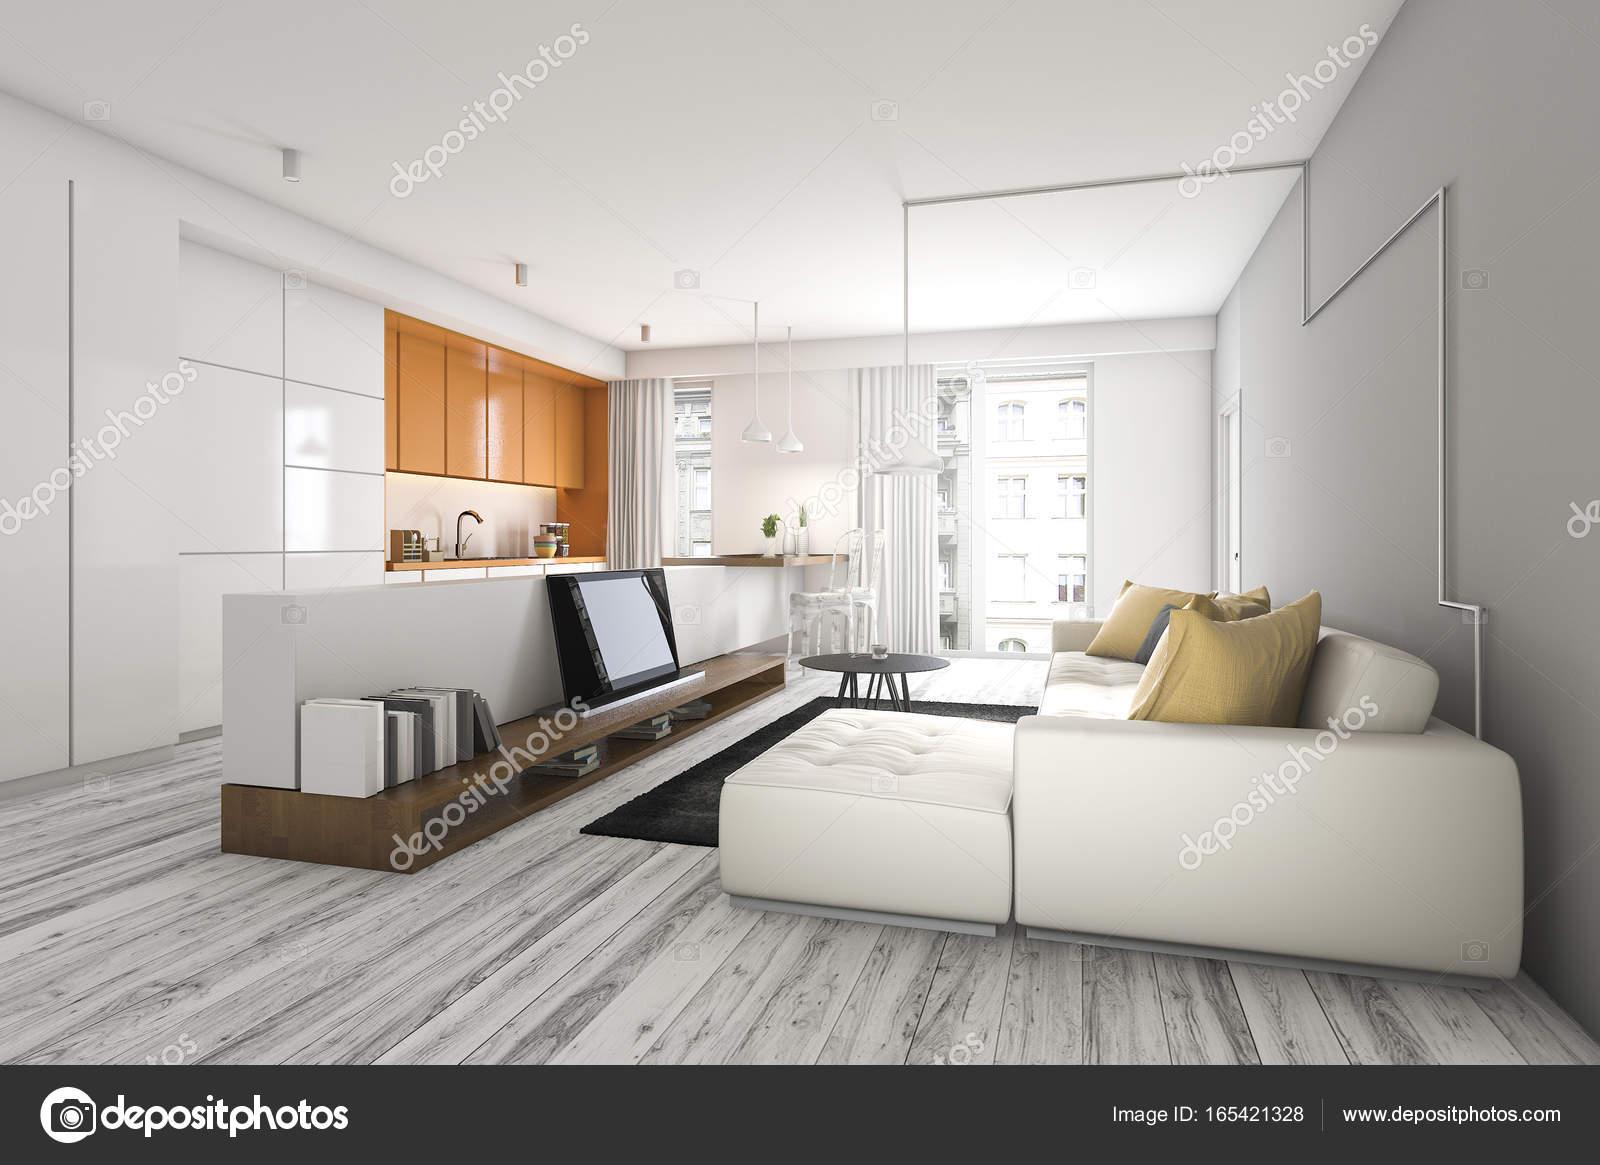 D rendering woonkamer met sofa en tv in de buurt van keukenbar